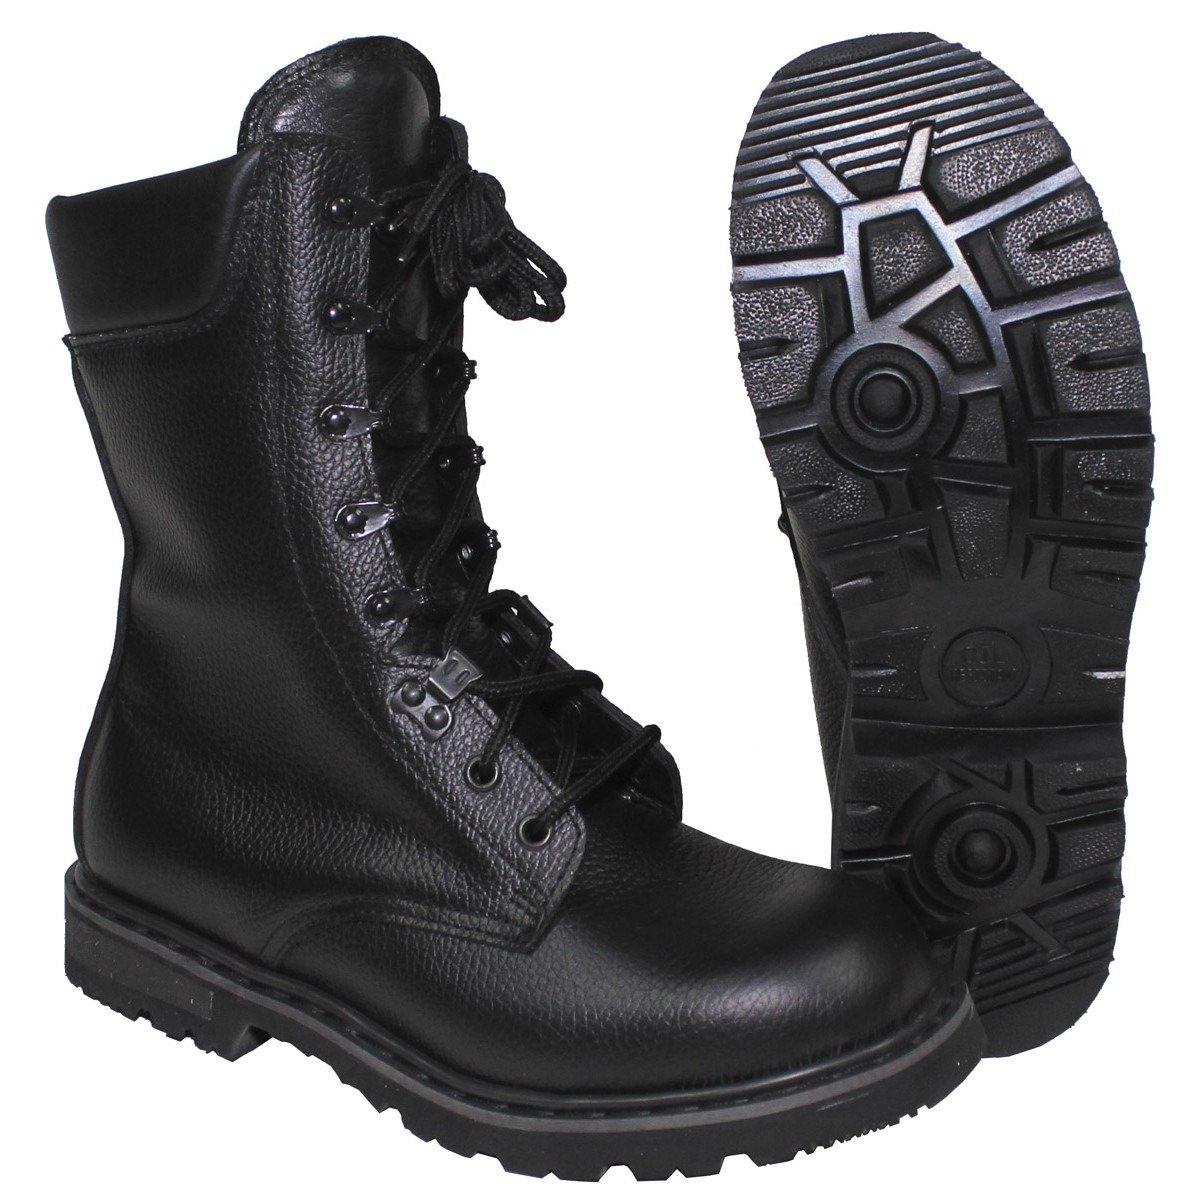 Dutch Combat Boots, black